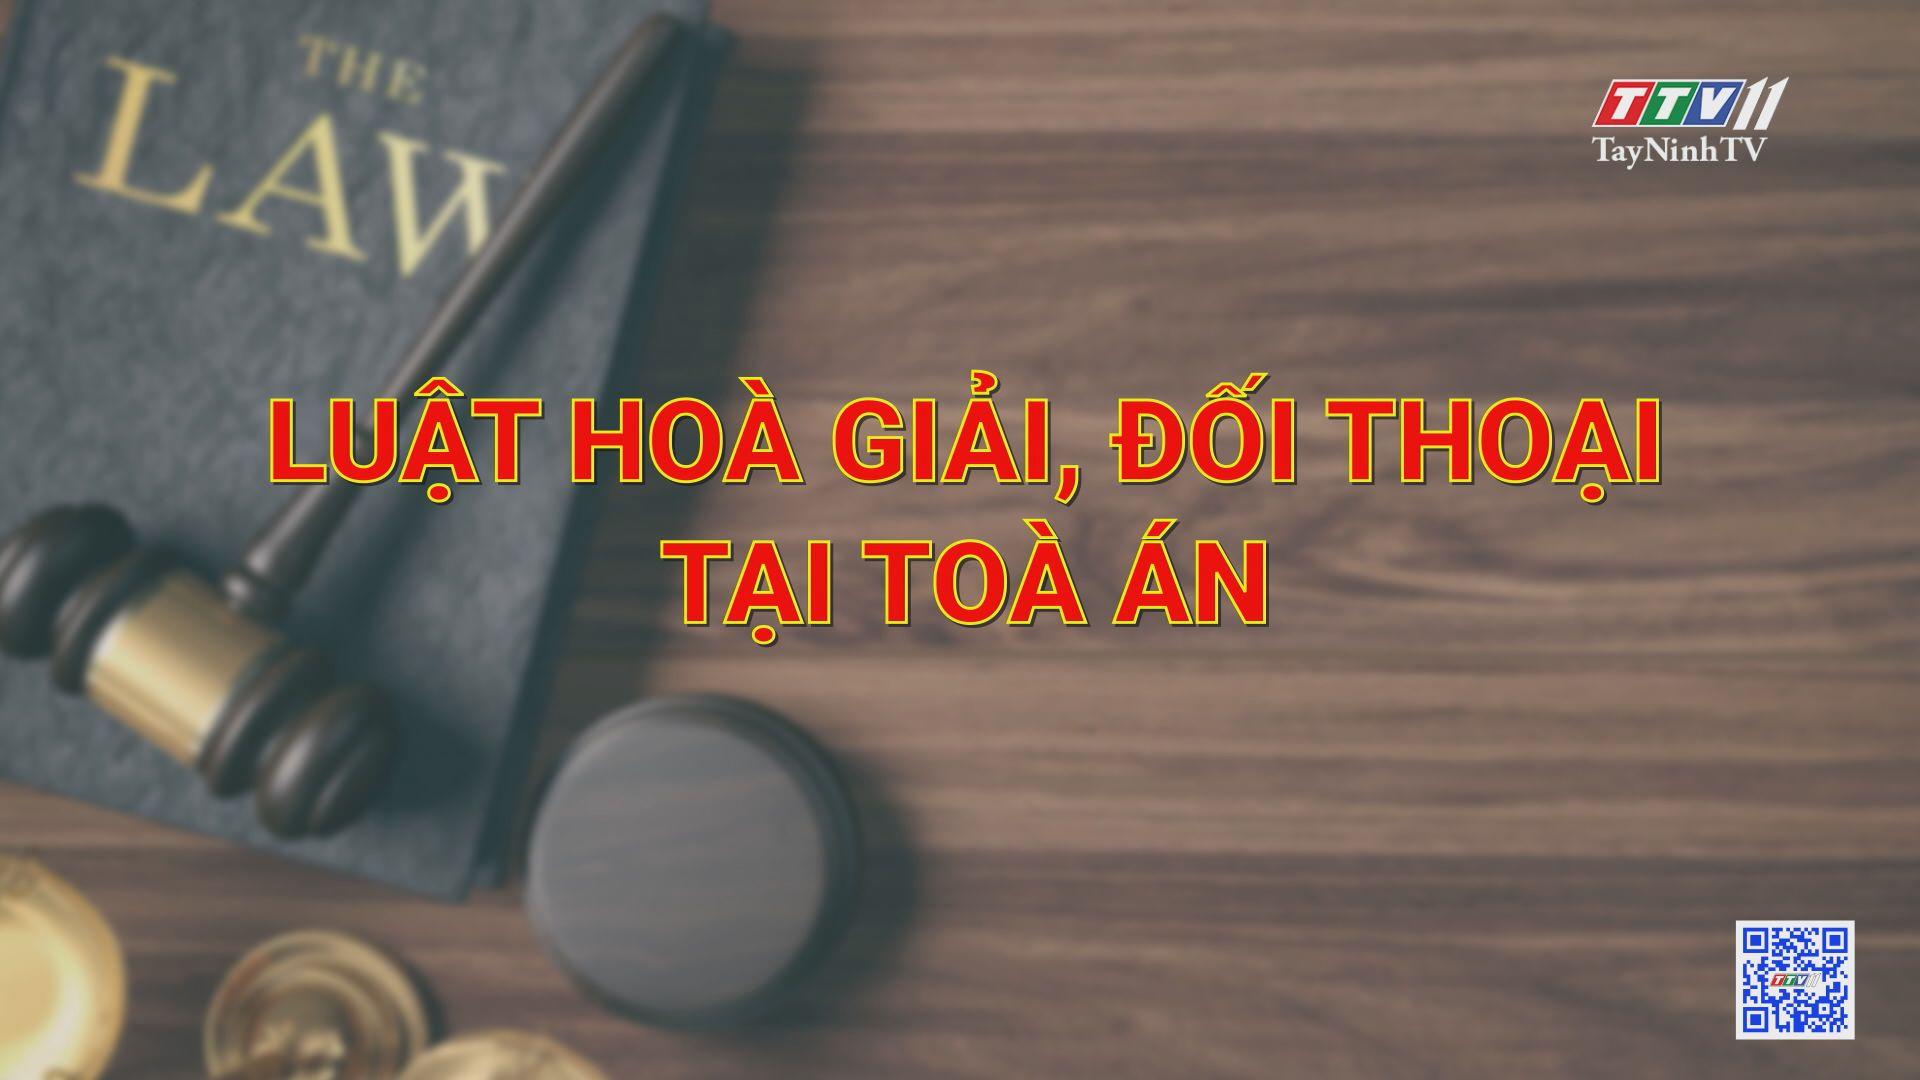 Luật hòa giải, đối thoại tại tòa án | VĂN BẢN PHÁP LUẬT | TayNinhTV